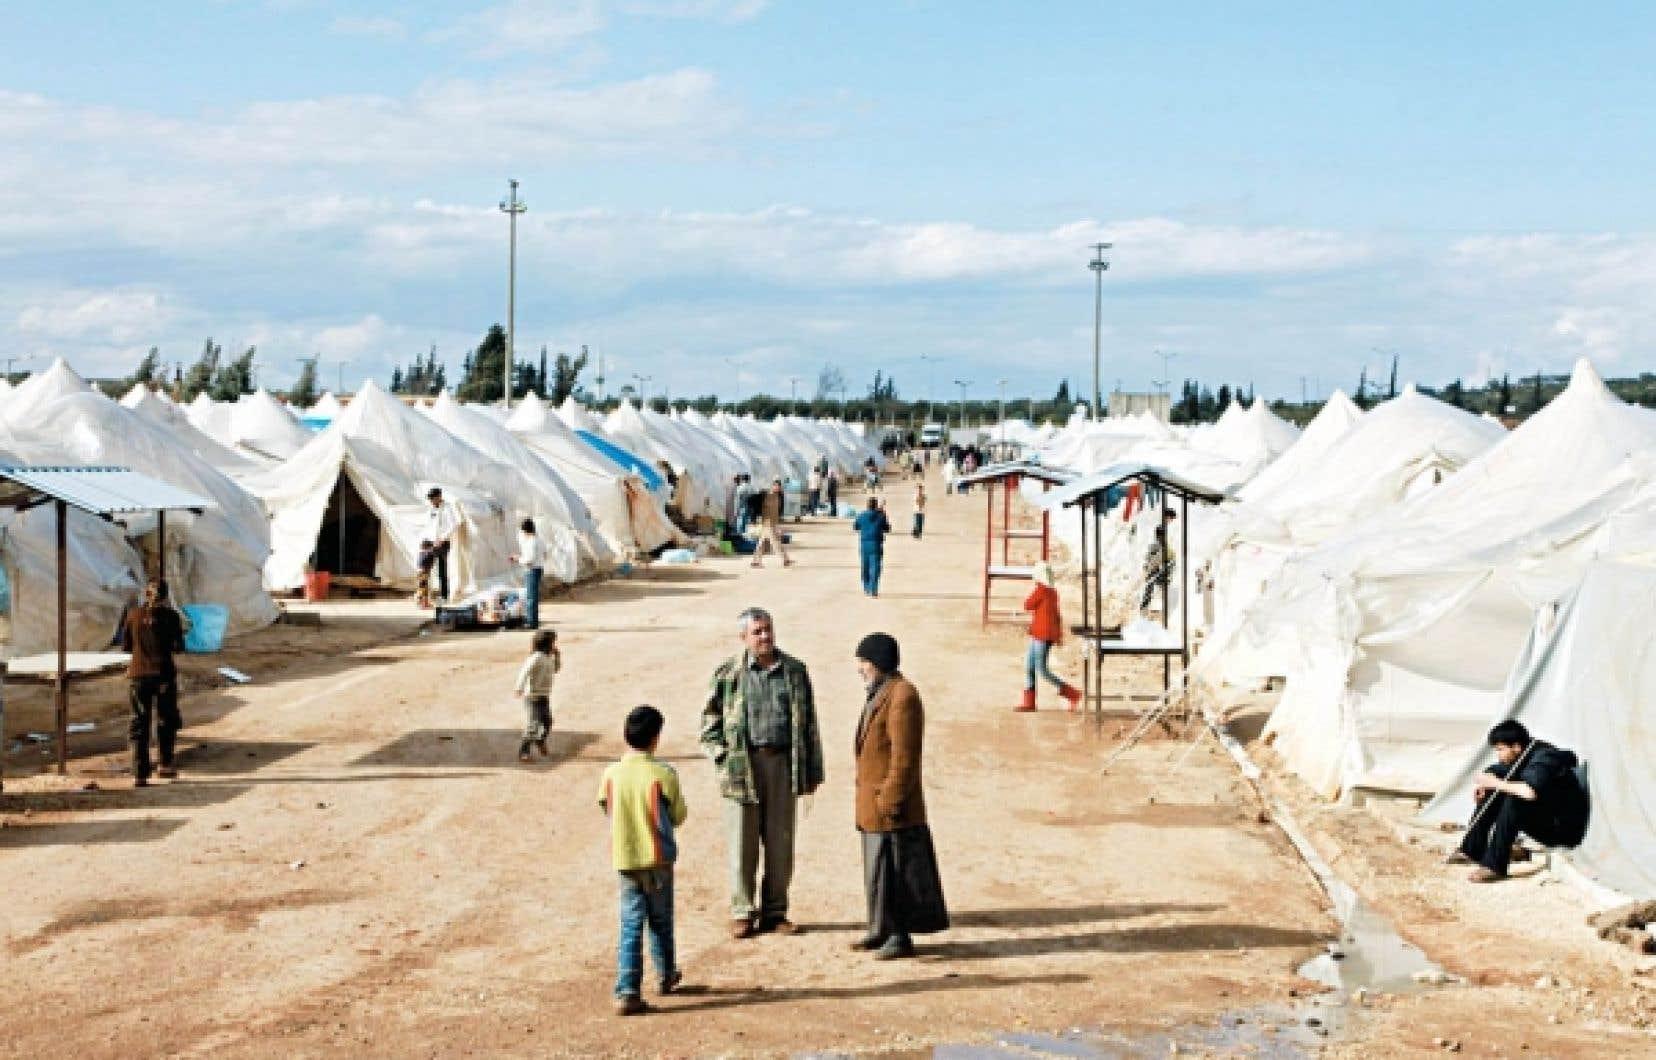 Un camp de réfugiés à Reyhanli, en Turquie<br />